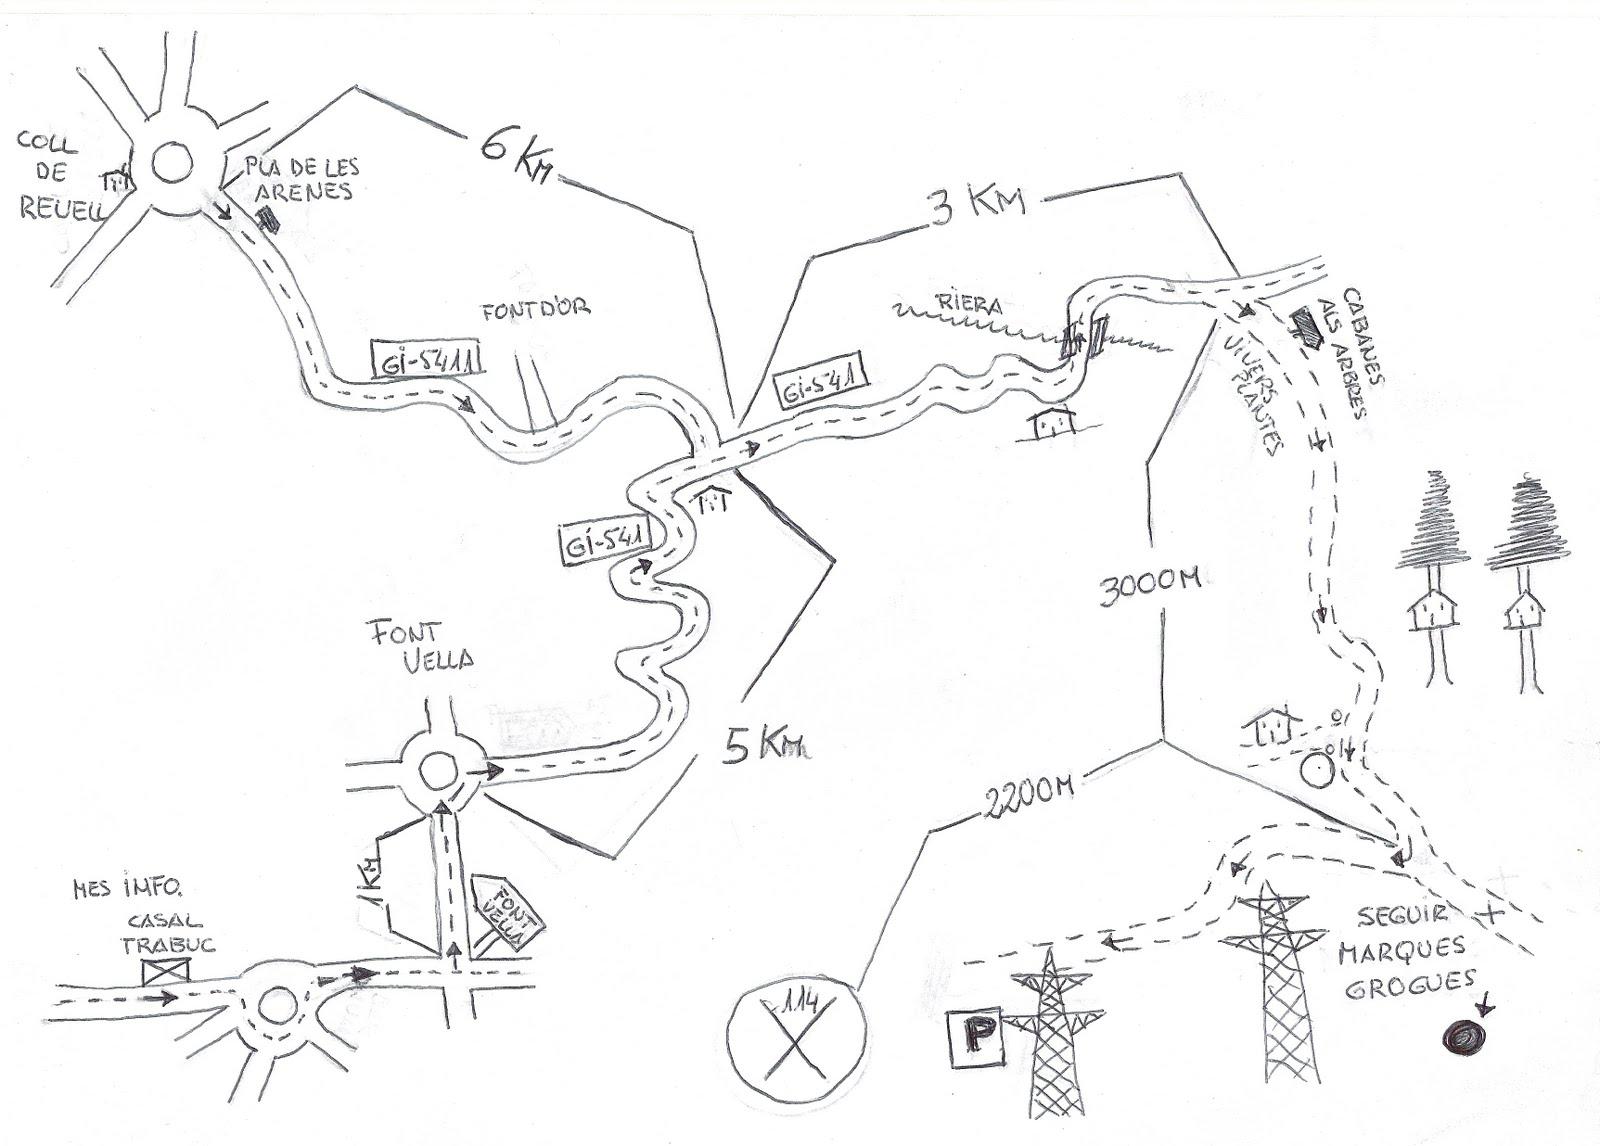 Sant Hilari Sacalm Mapa.Des Dels Boscos 22 11 09 29 11 09